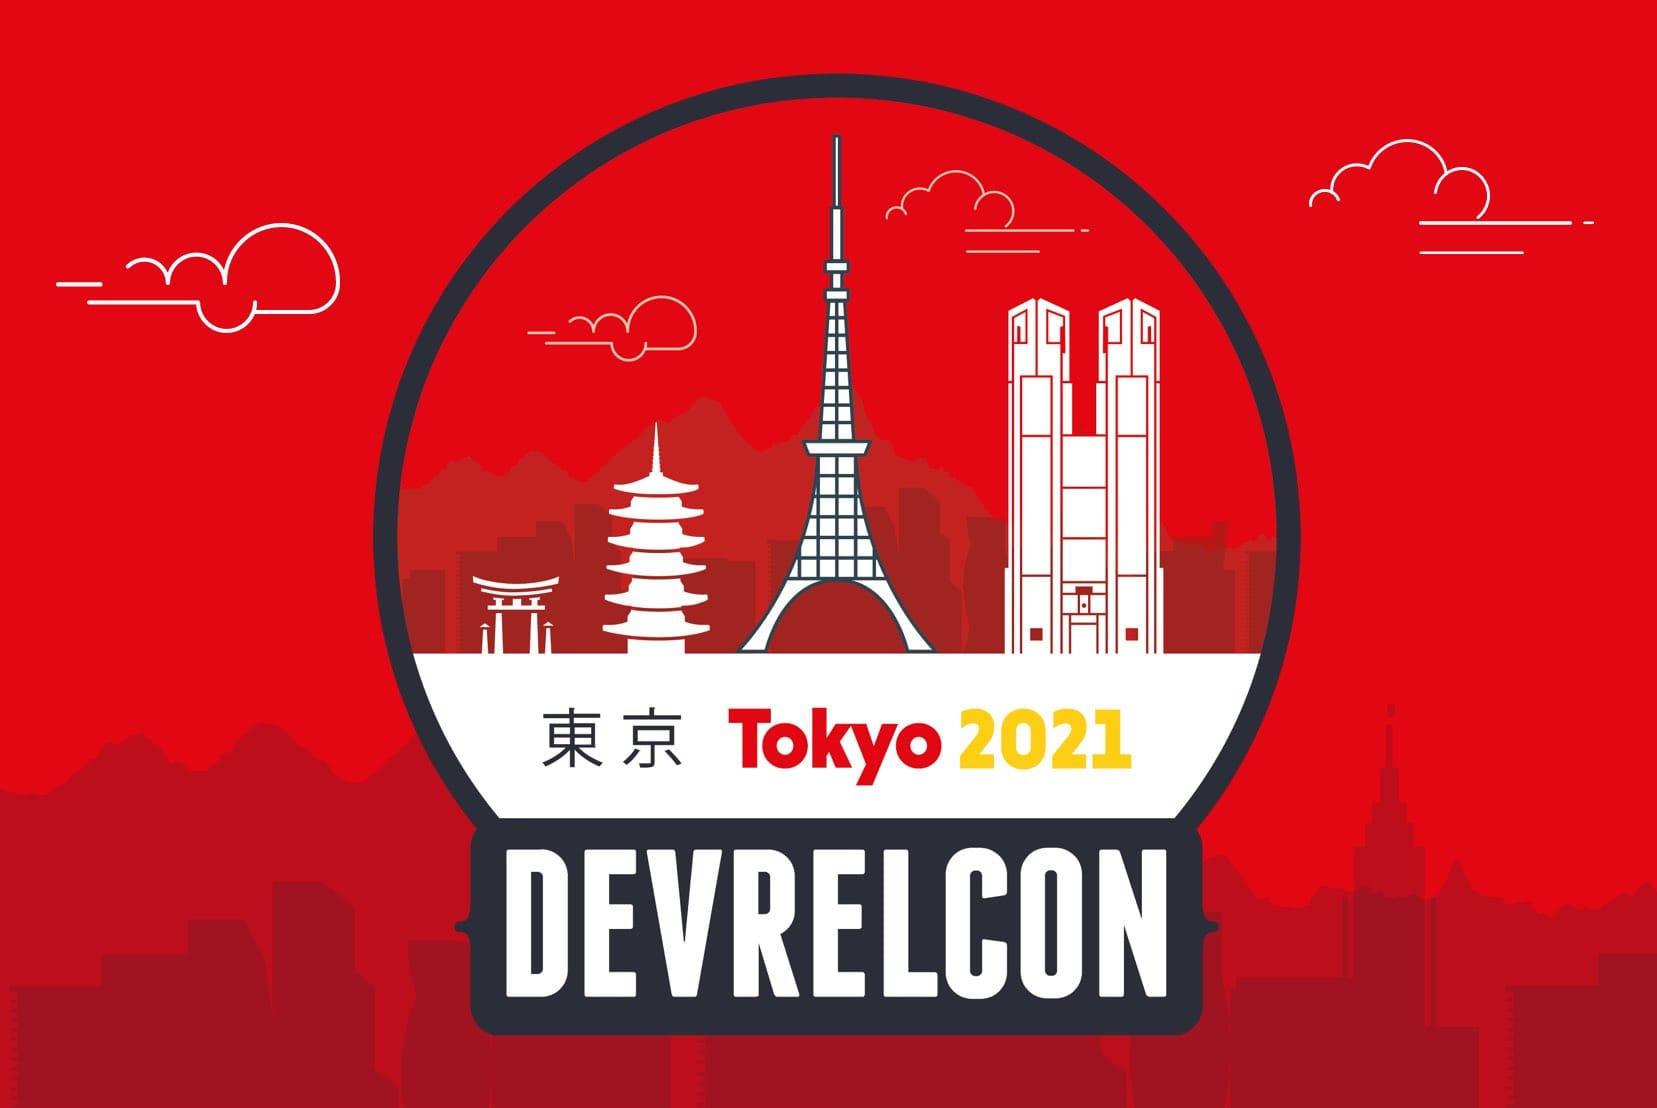 DevRelCon Tokyo 2021